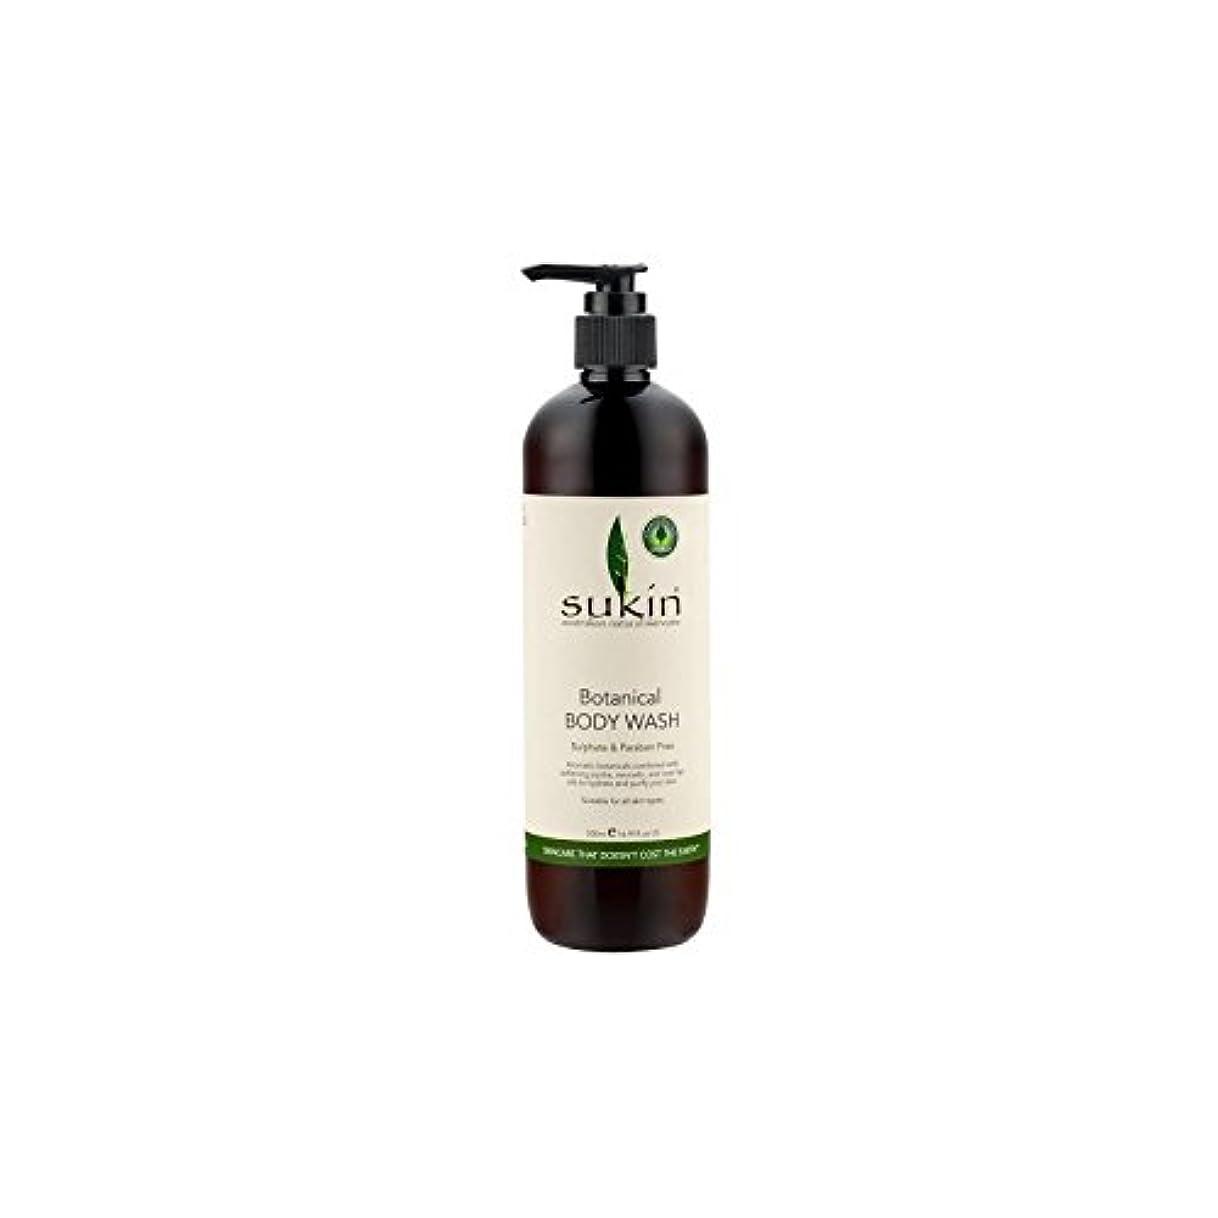 生態学ネスト終了するSukin Botanical Body Wash (500ml) - 植物ボディウォッシュ(500ミリリットル) [並行輸入品]